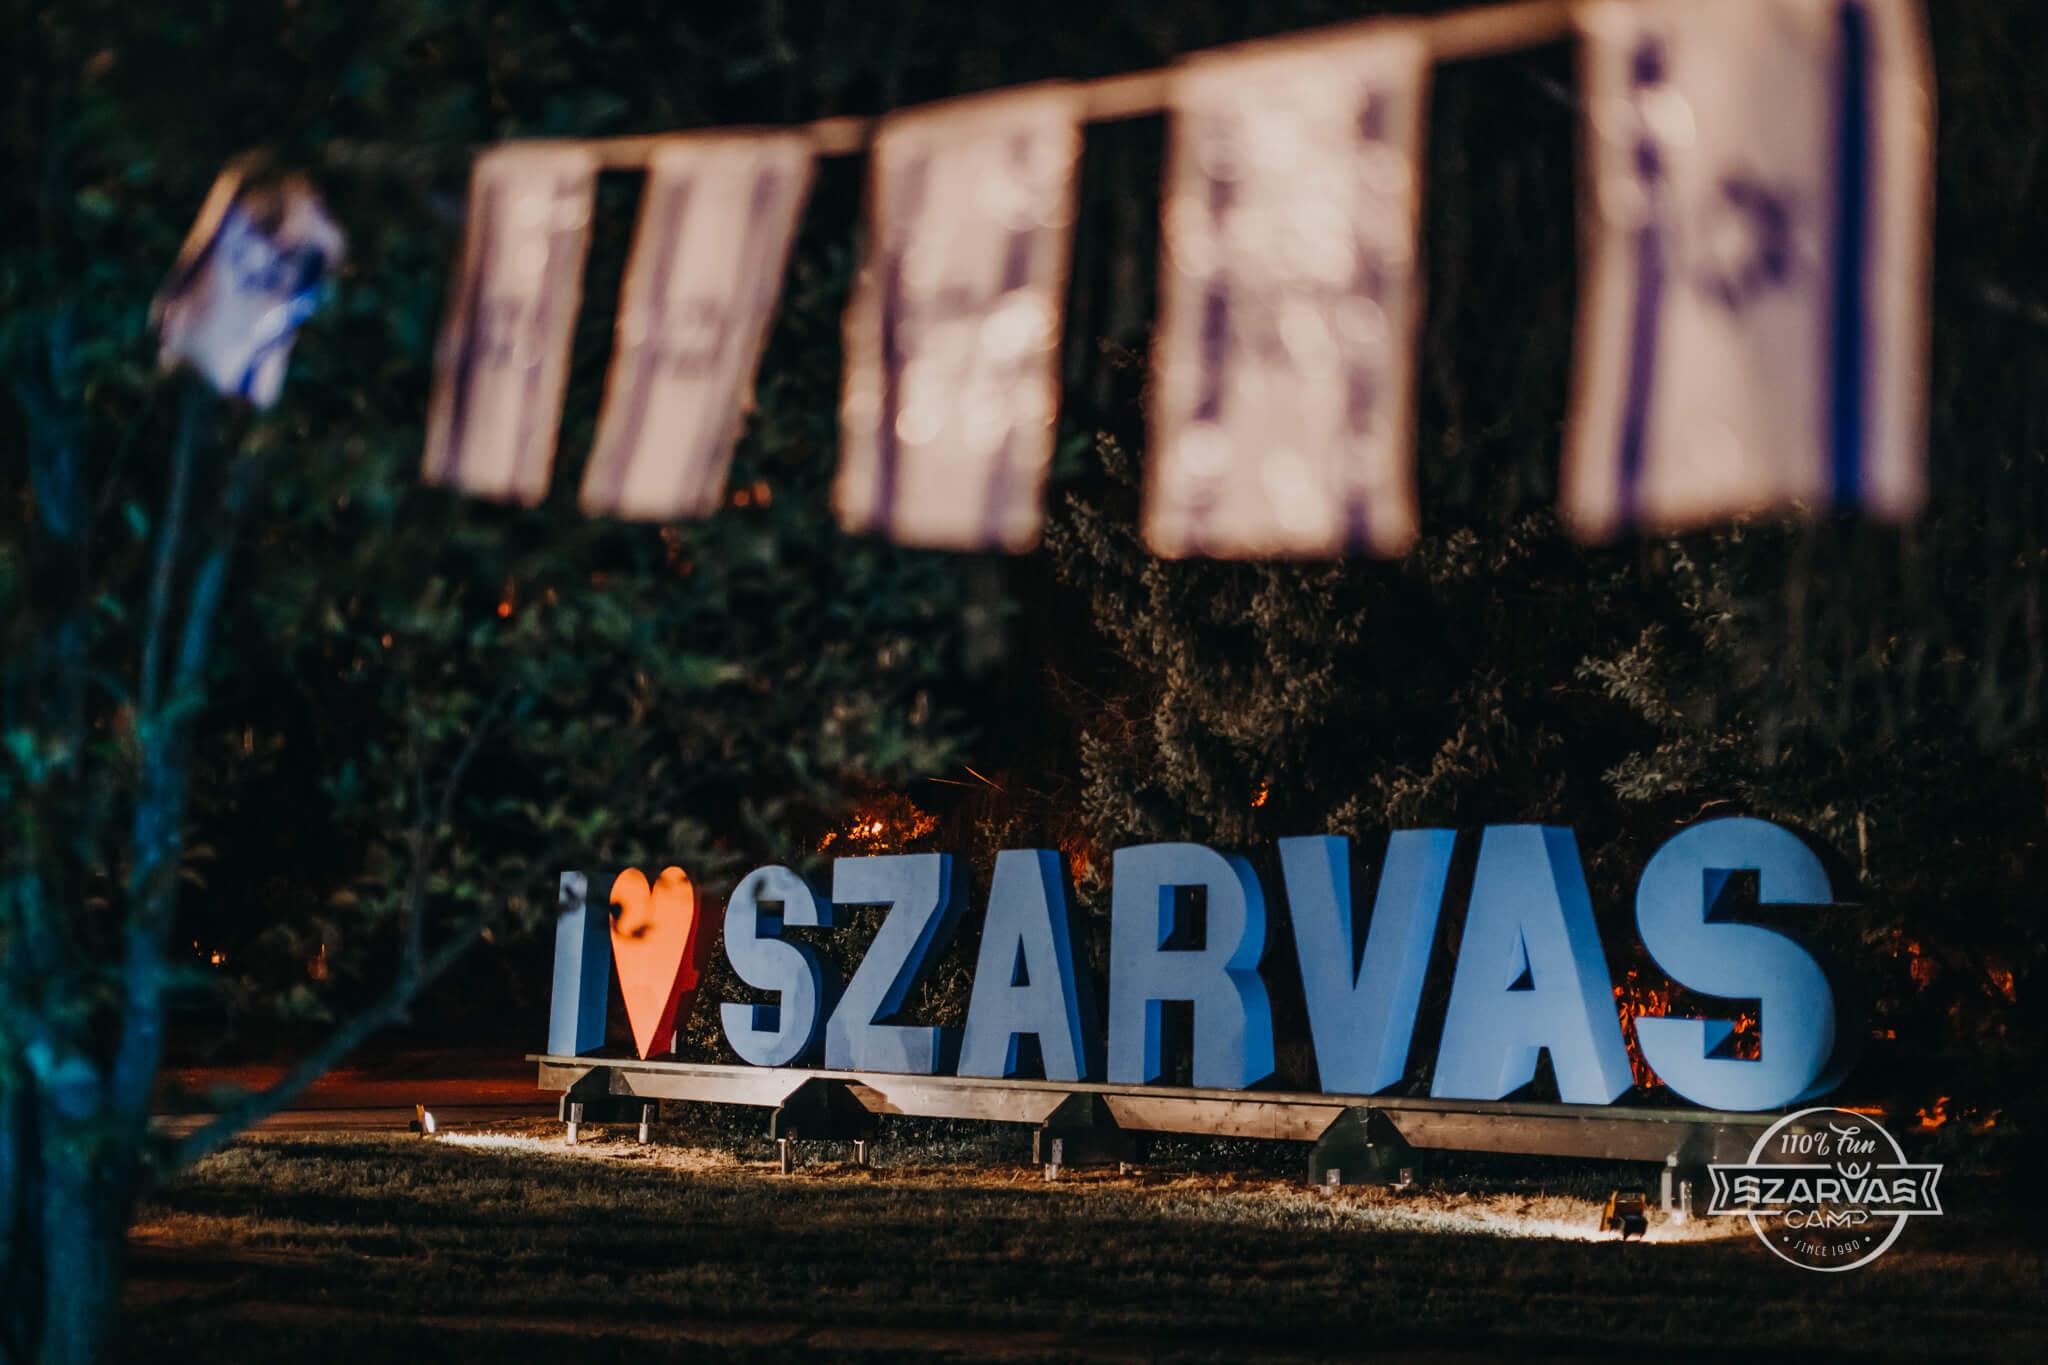 Szarvas virtual backgrounds